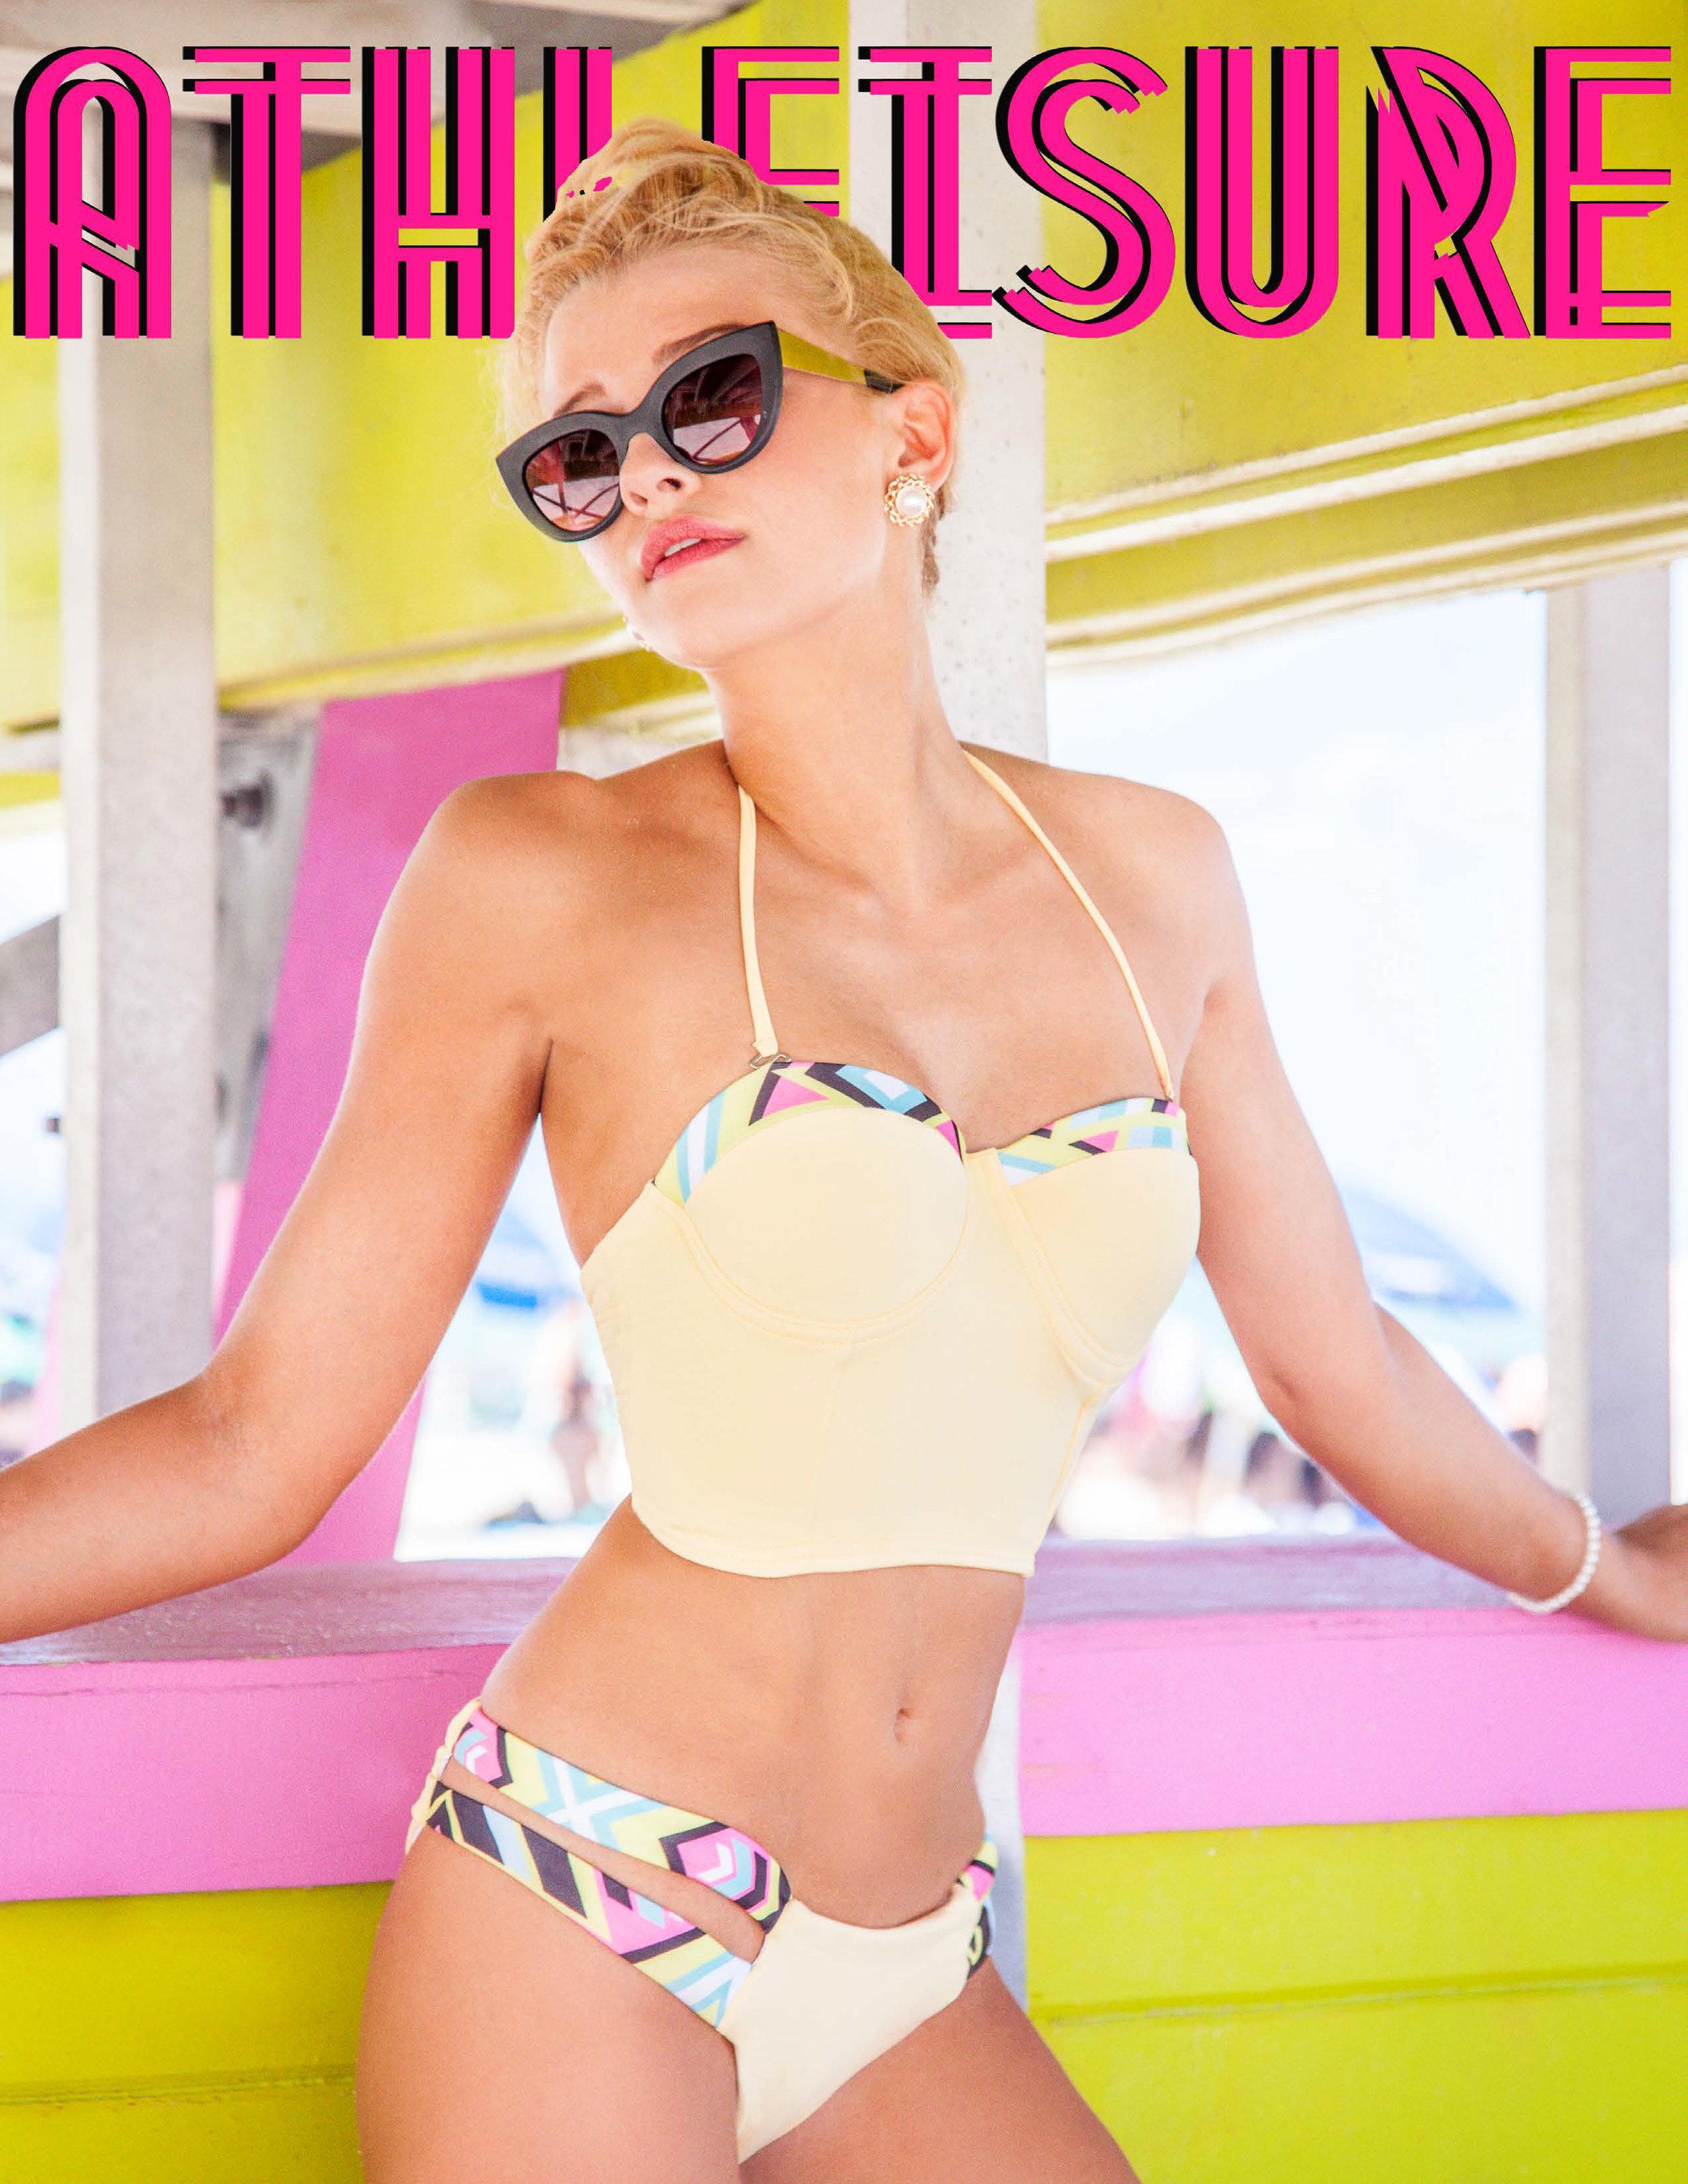 Sara Smith on Cover of Athleisure Magazine